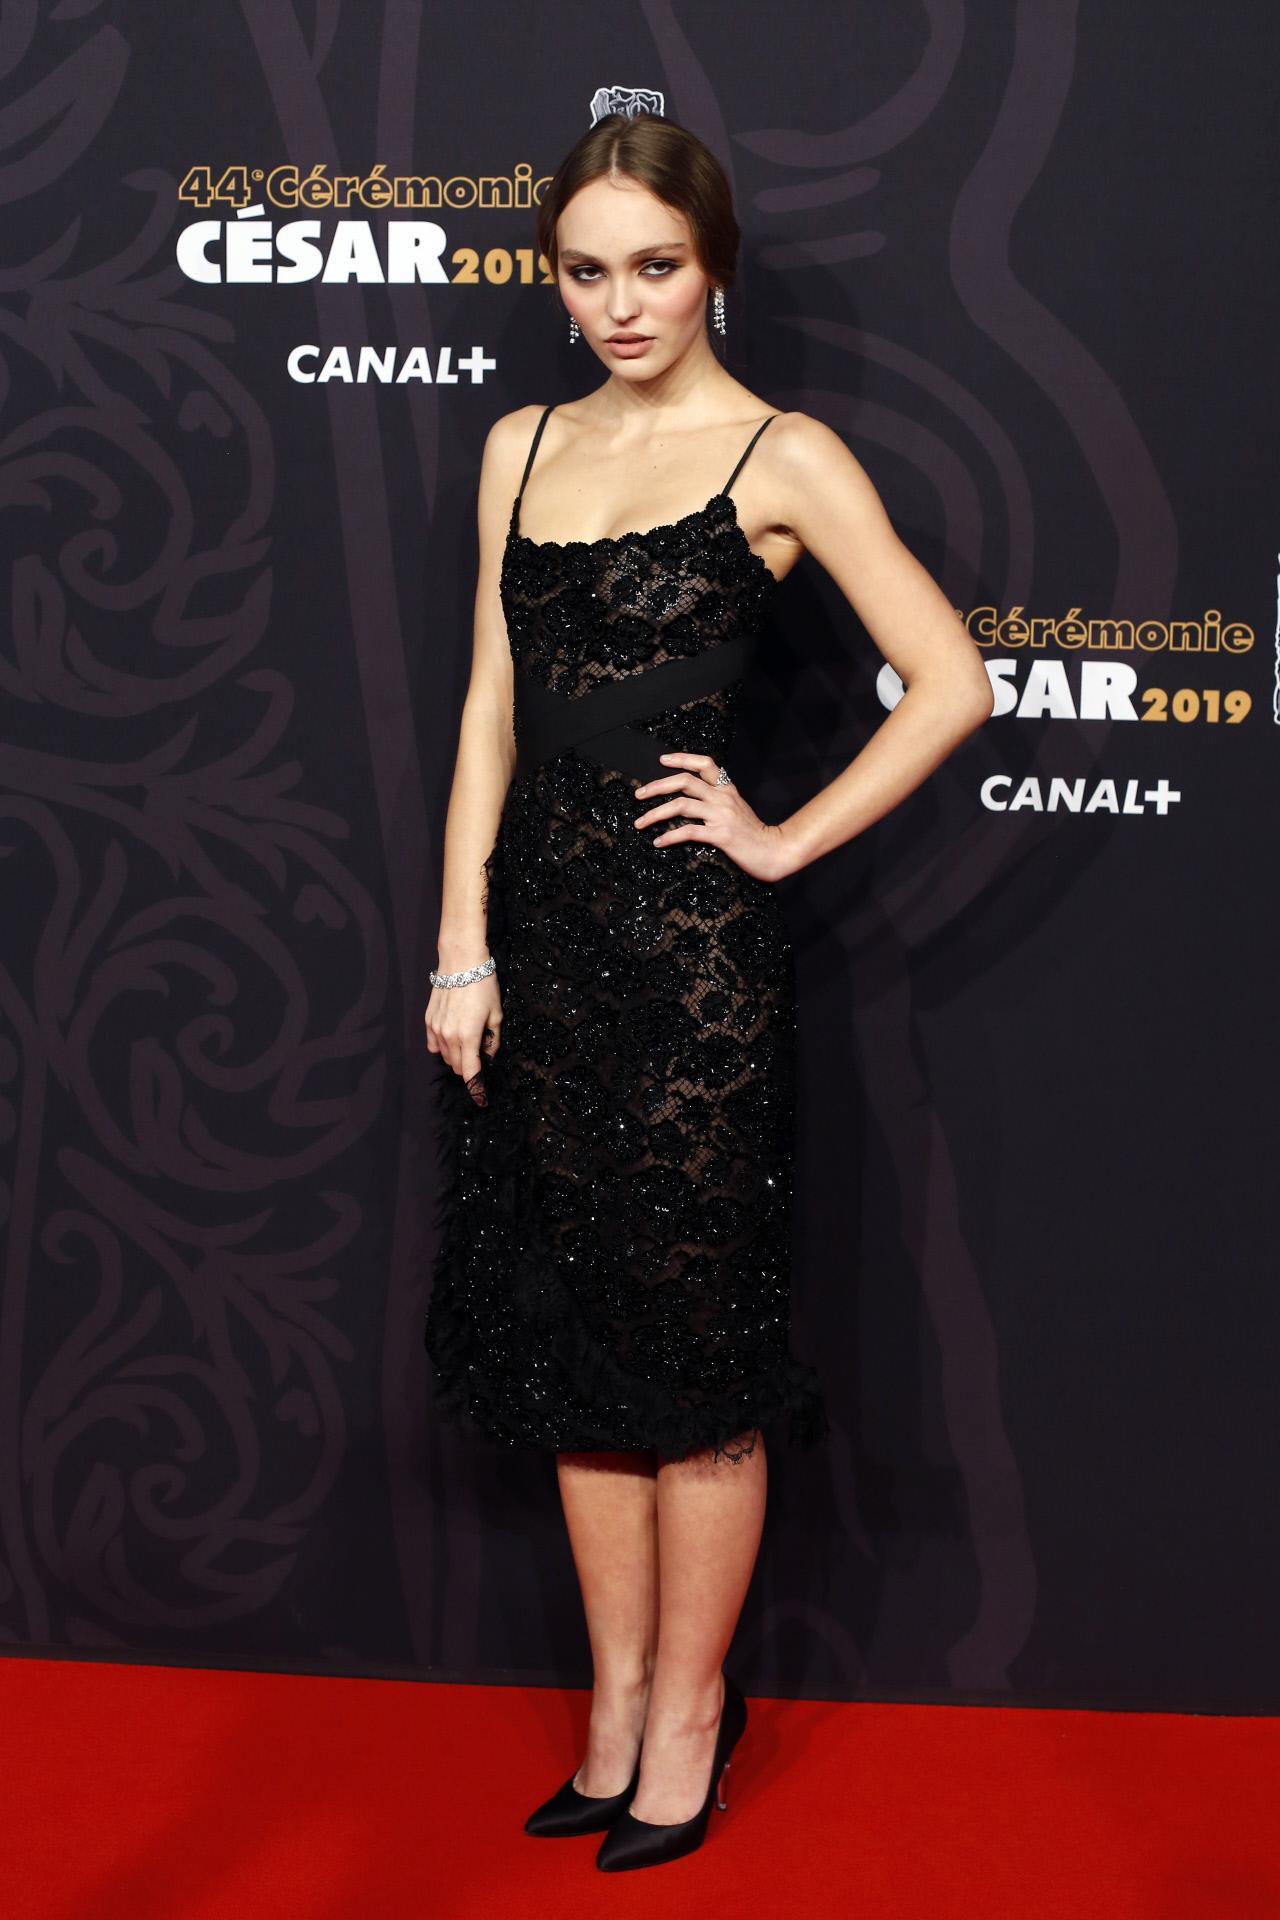 dfc21340cc Los vestidos más bonitos de los Premios César 2019 - InStyle